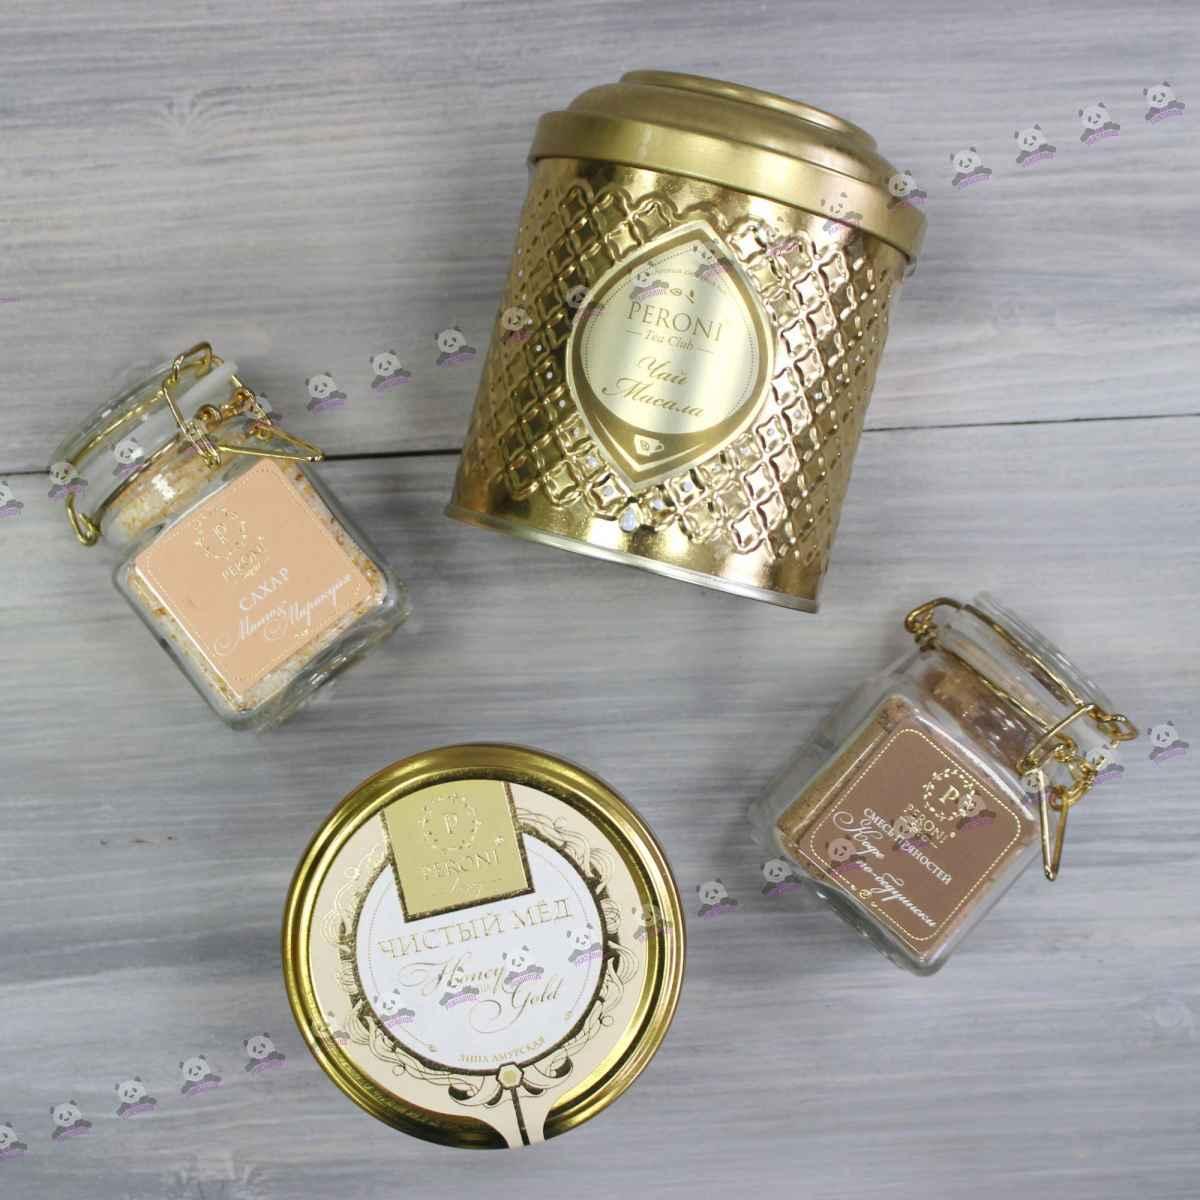 Чай и специи Peroni